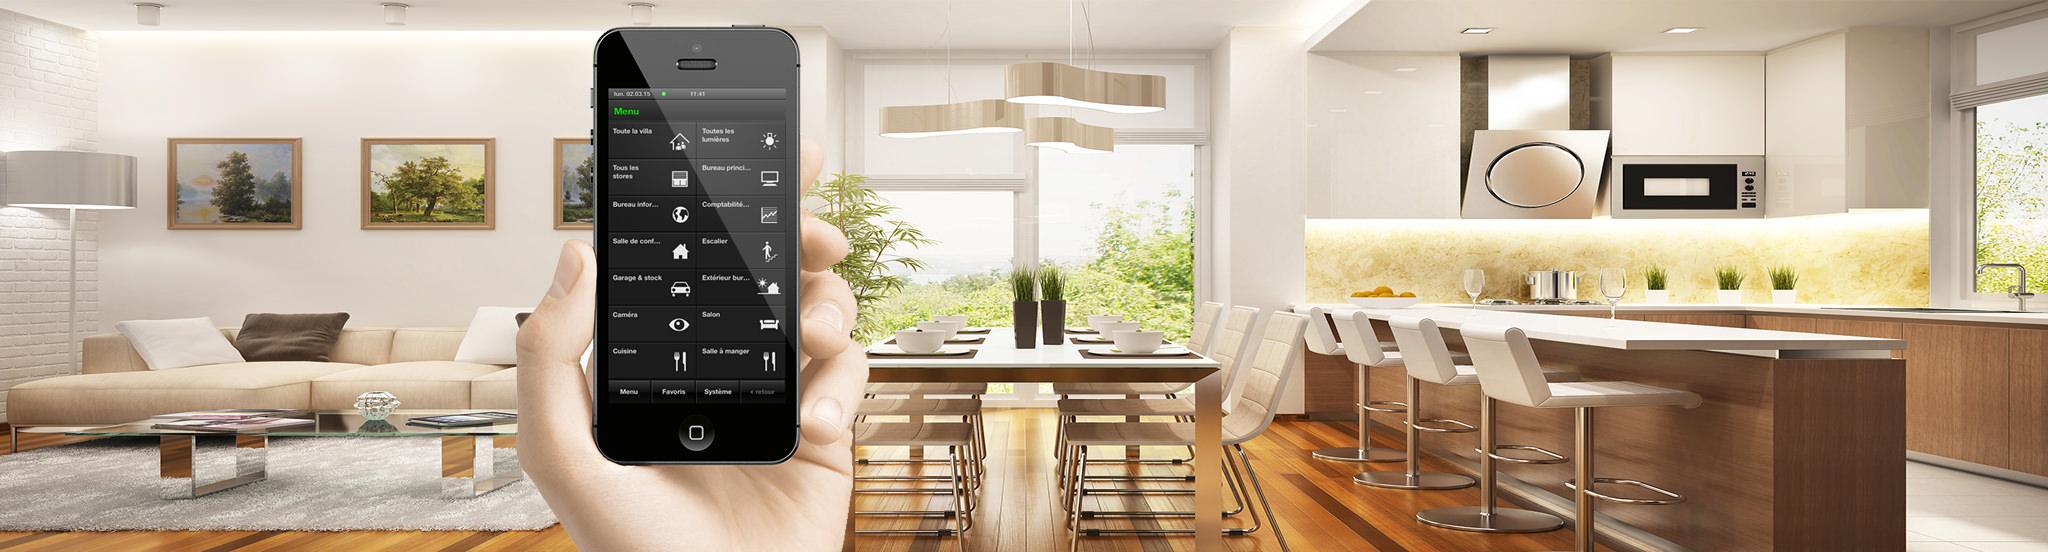 electricien installation t l phonique centrale t l phonique electro techniques az sa. Black Bedroom Furniture Sets. Home Design Ideas